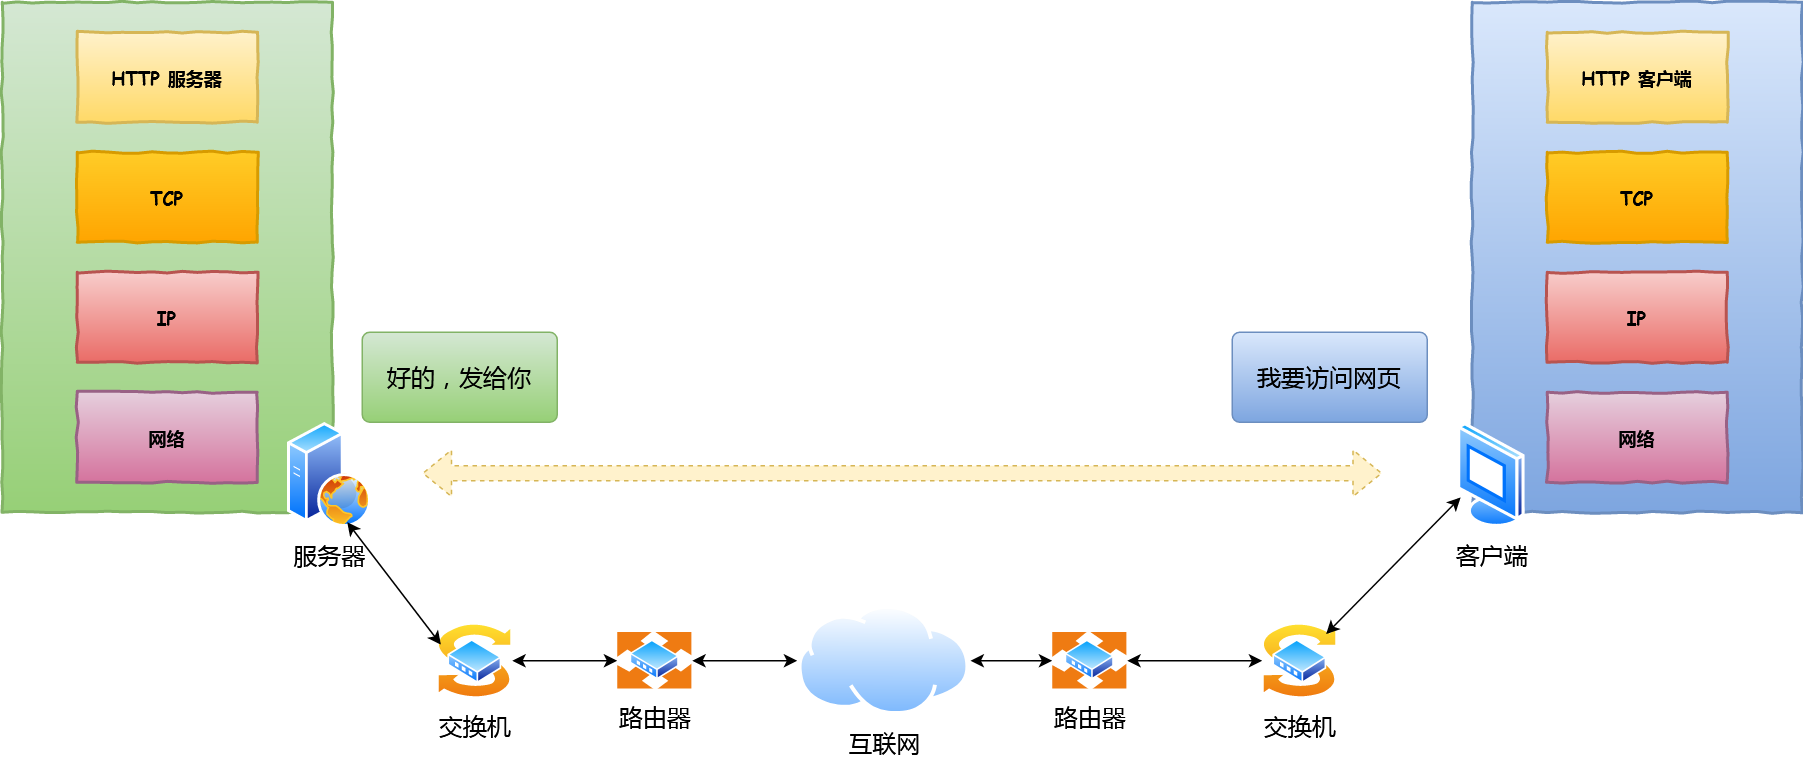 简单的网络模型